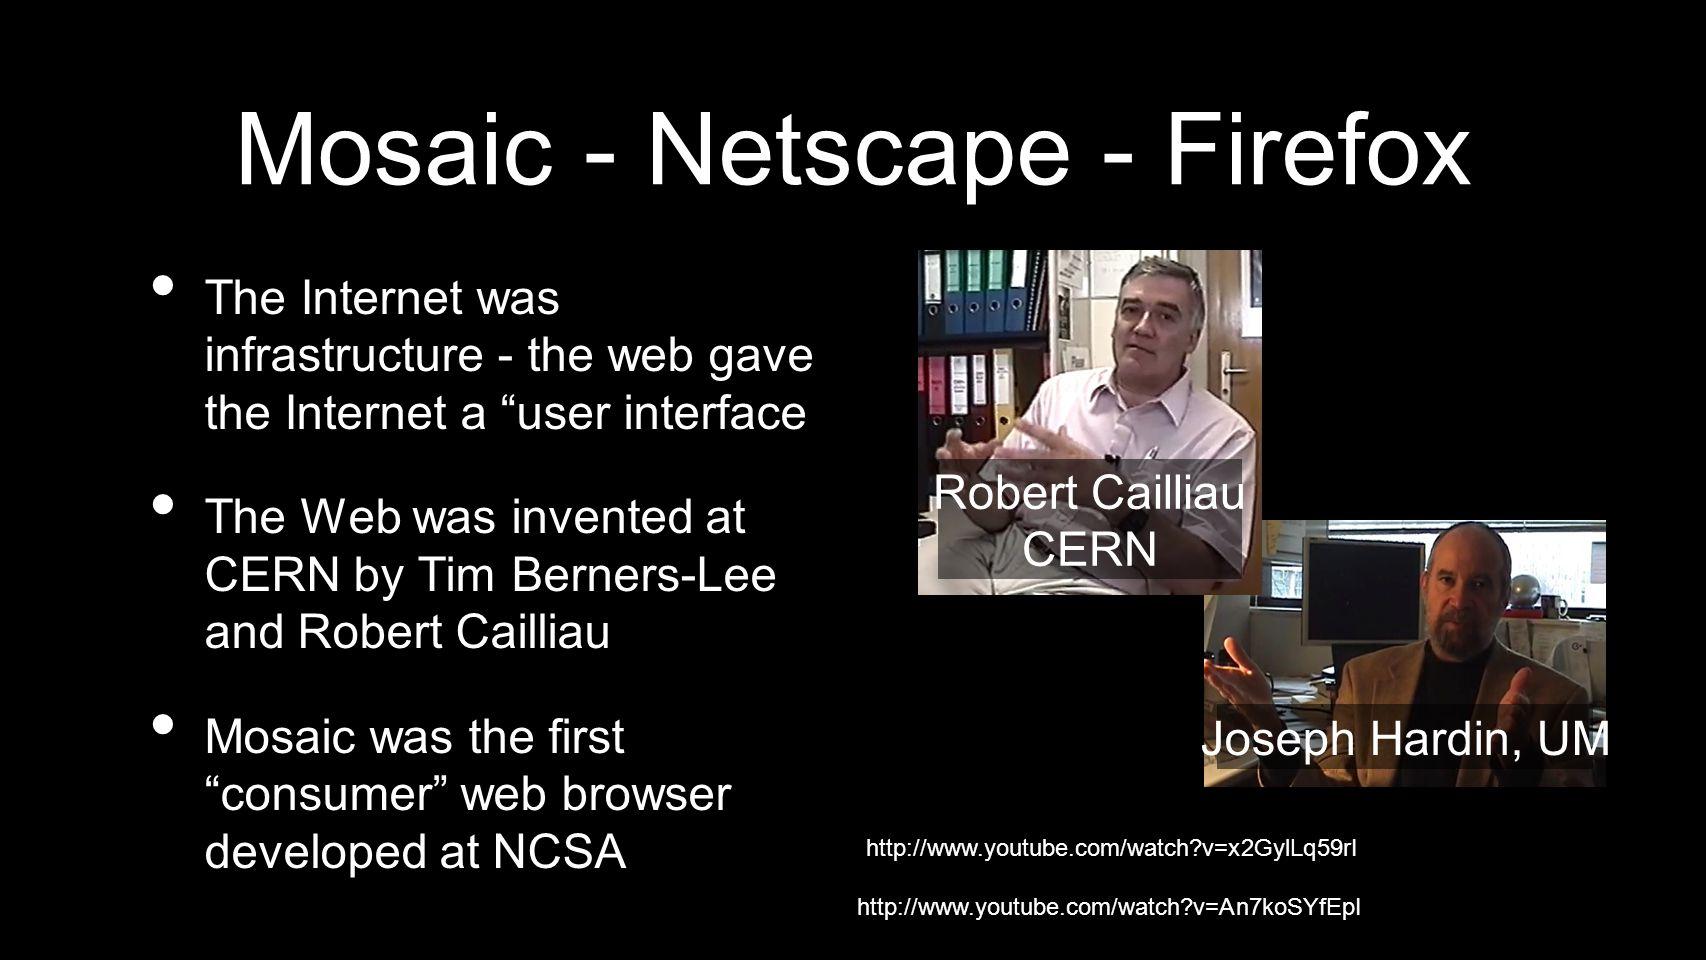 Mosaic - Netscape - Firefox